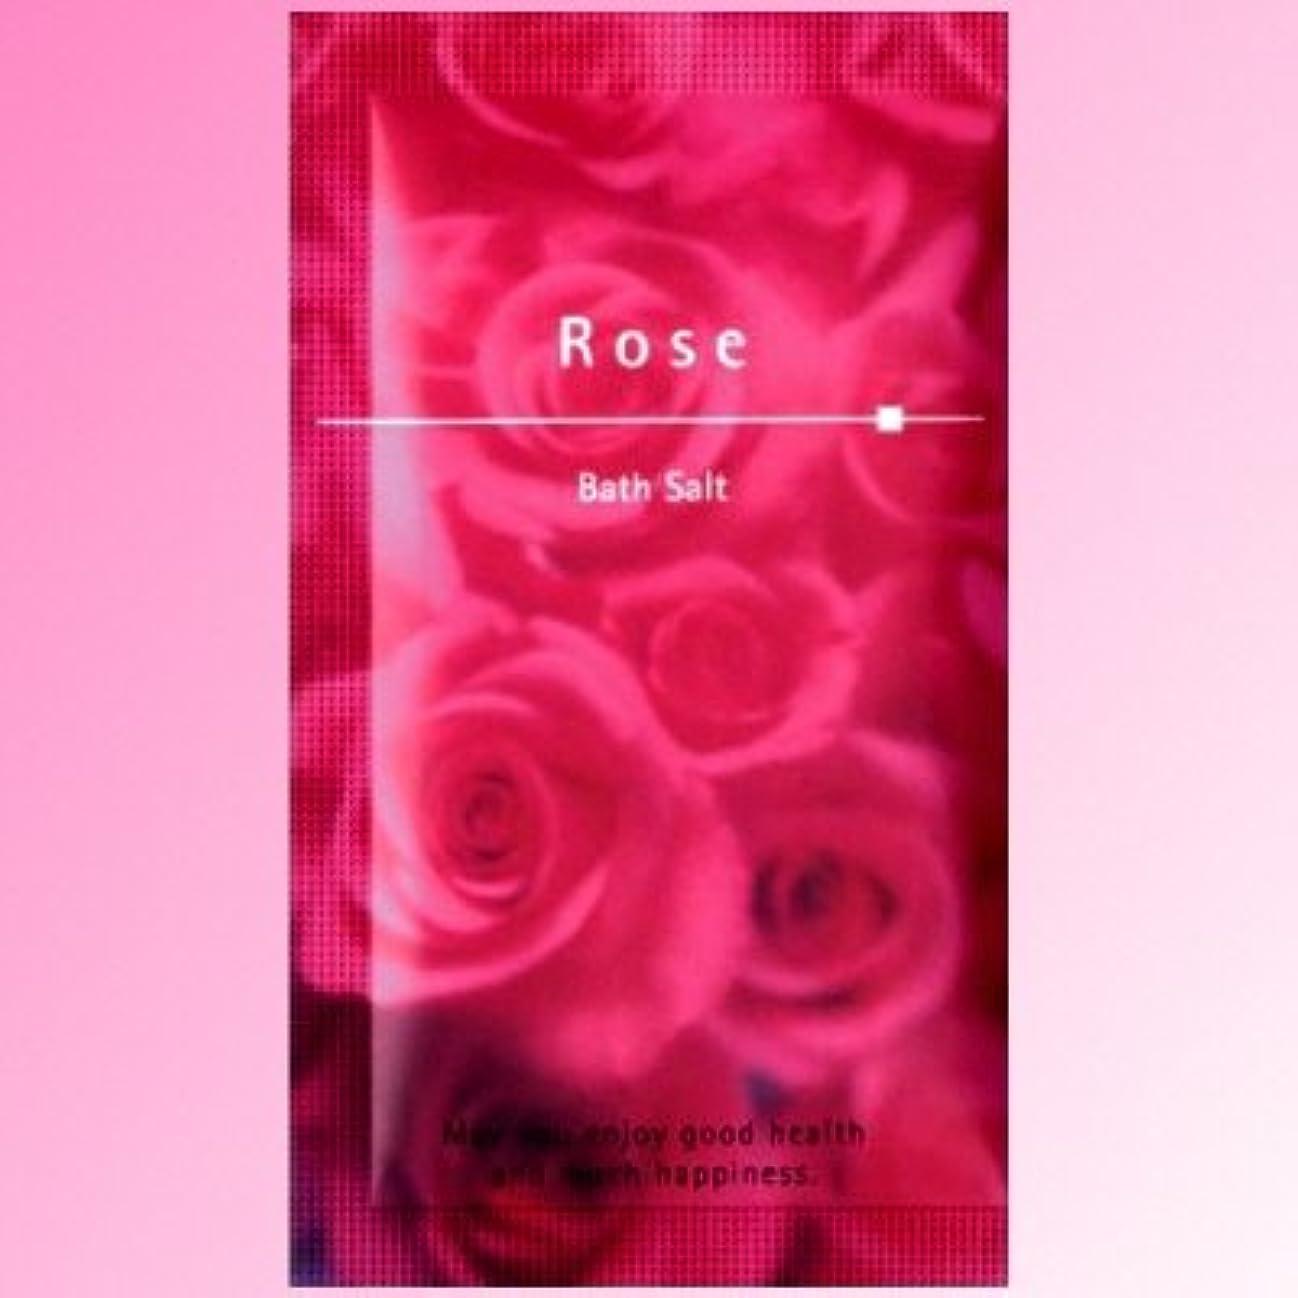 ファイルタオル学ぶ薔薇の香りの入浴剤 フレグラントガーデン ローズ